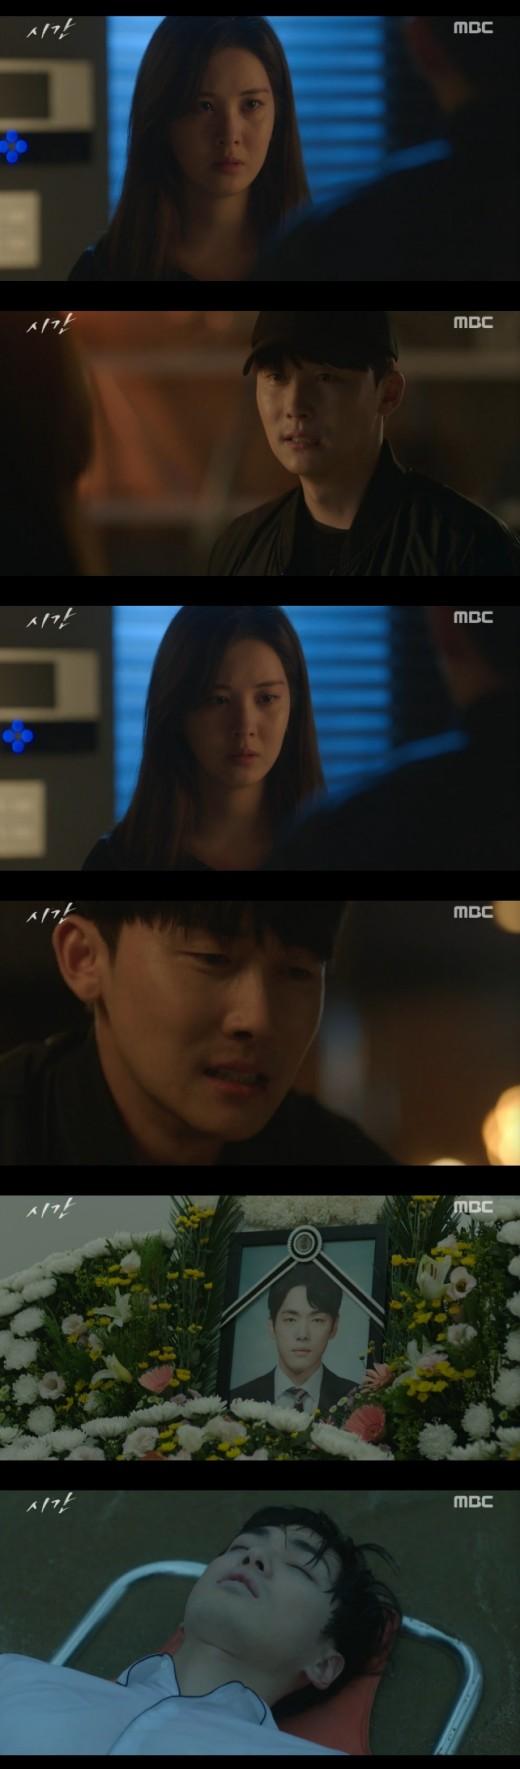 '시간' 김정현, 서현 구하려다 세상 떠났다…김준한 진실 밝힐까 _이미지